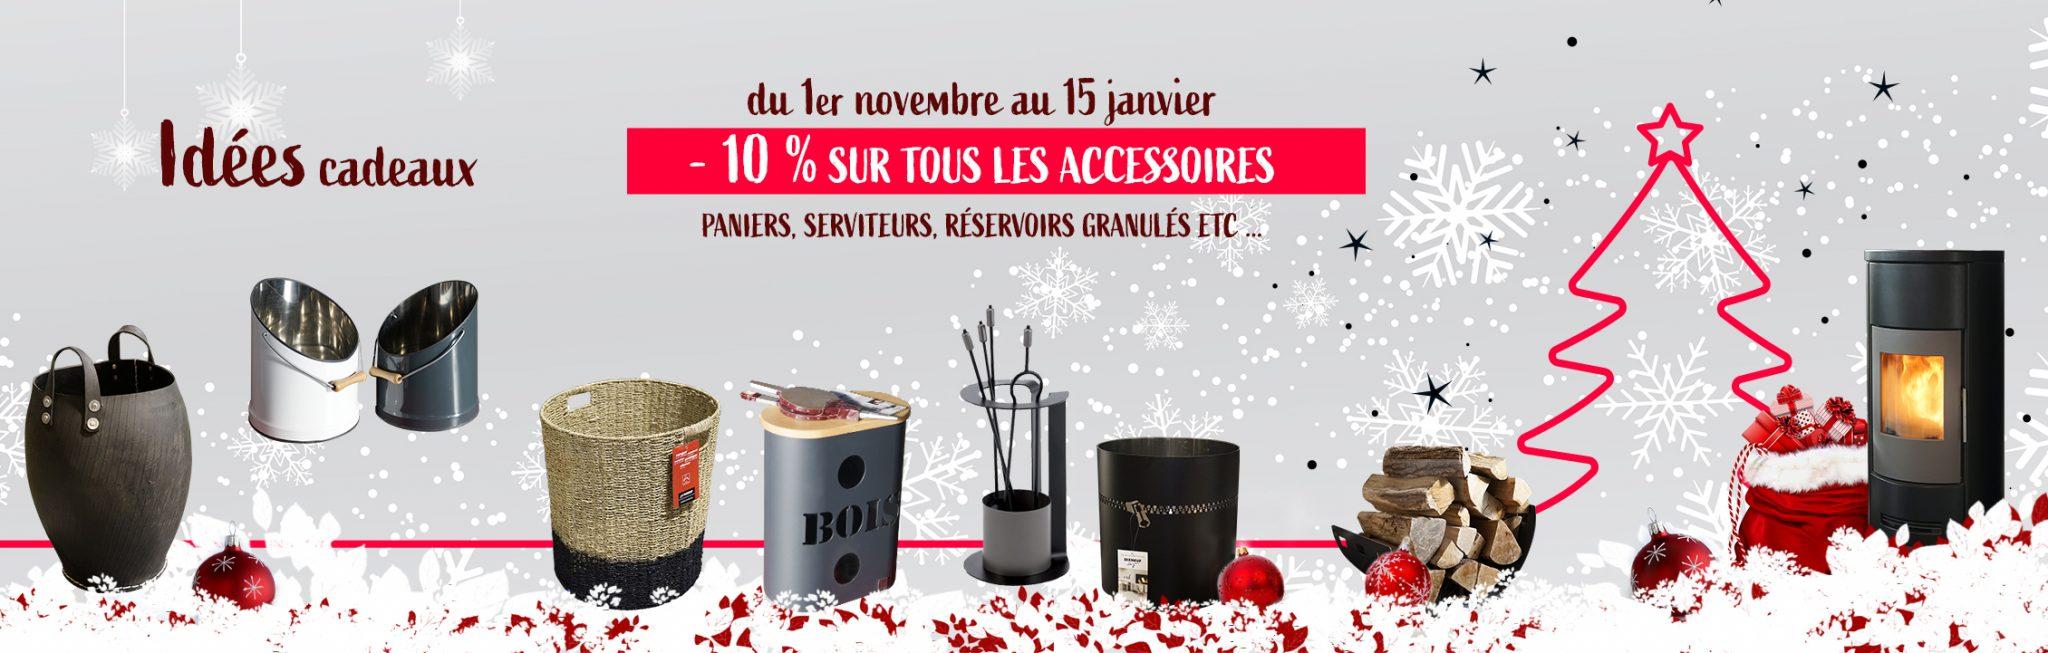 FlamDéco opération Noël 2020 accessoires poêles et cheminées